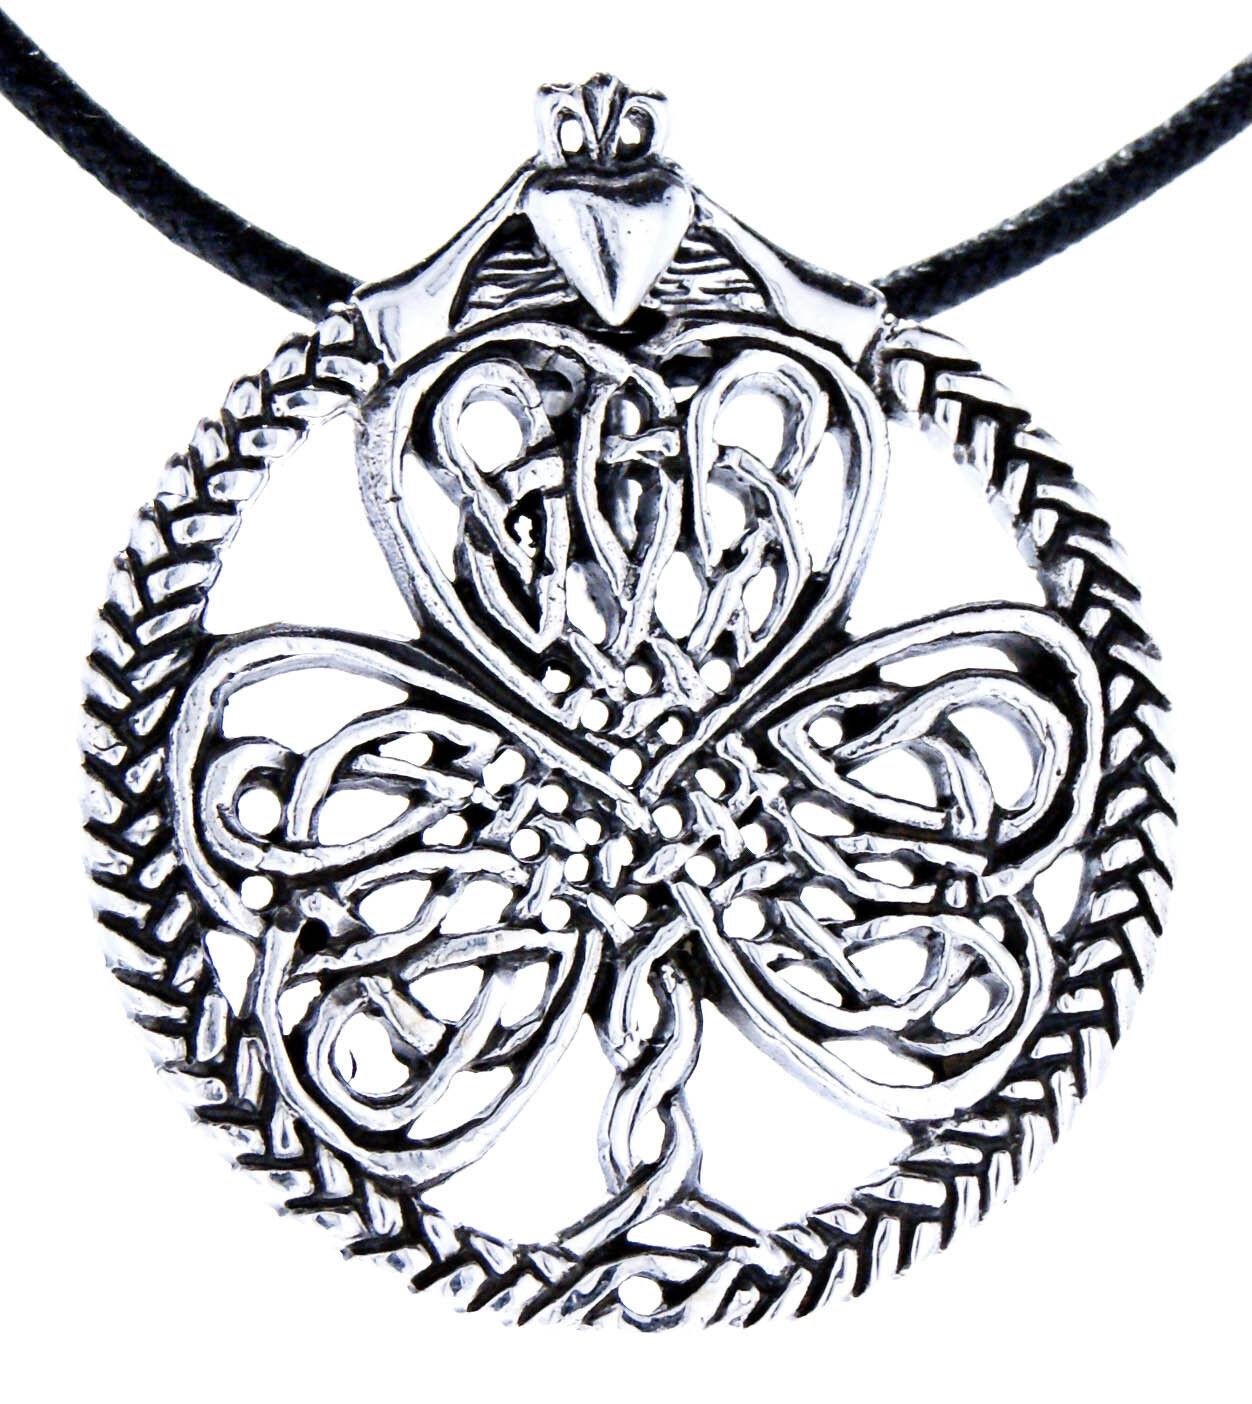 Shamrock 925 argentoo Ciondolo argentoo Catena irlandese QUADRIFOGLIO cuore cuore cuore l'irlandese nr 103 3f7143